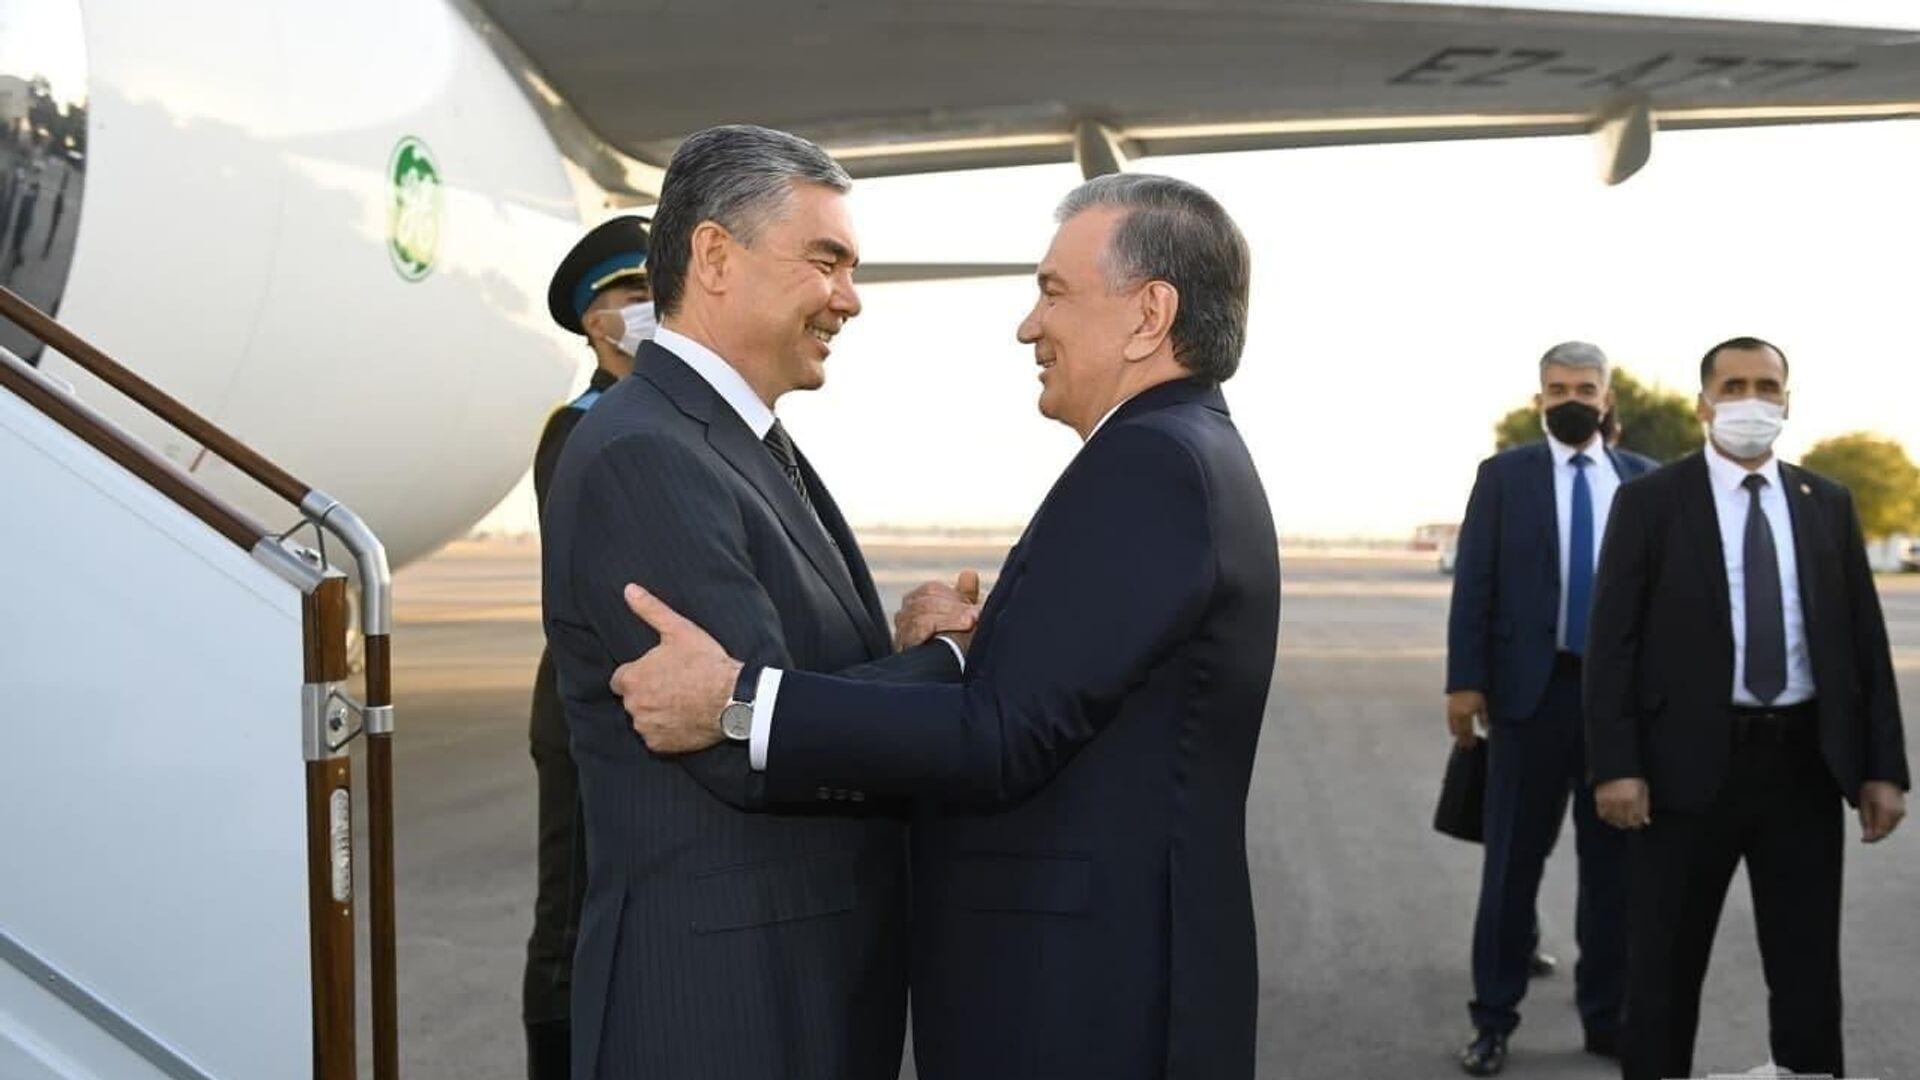 Президент Туркменистана Гурбангулы Бердымухамедов прибыл в Узбекистан с официальным визитом. - Sputnik Ўзбекистон, 1920, 04.10.2021